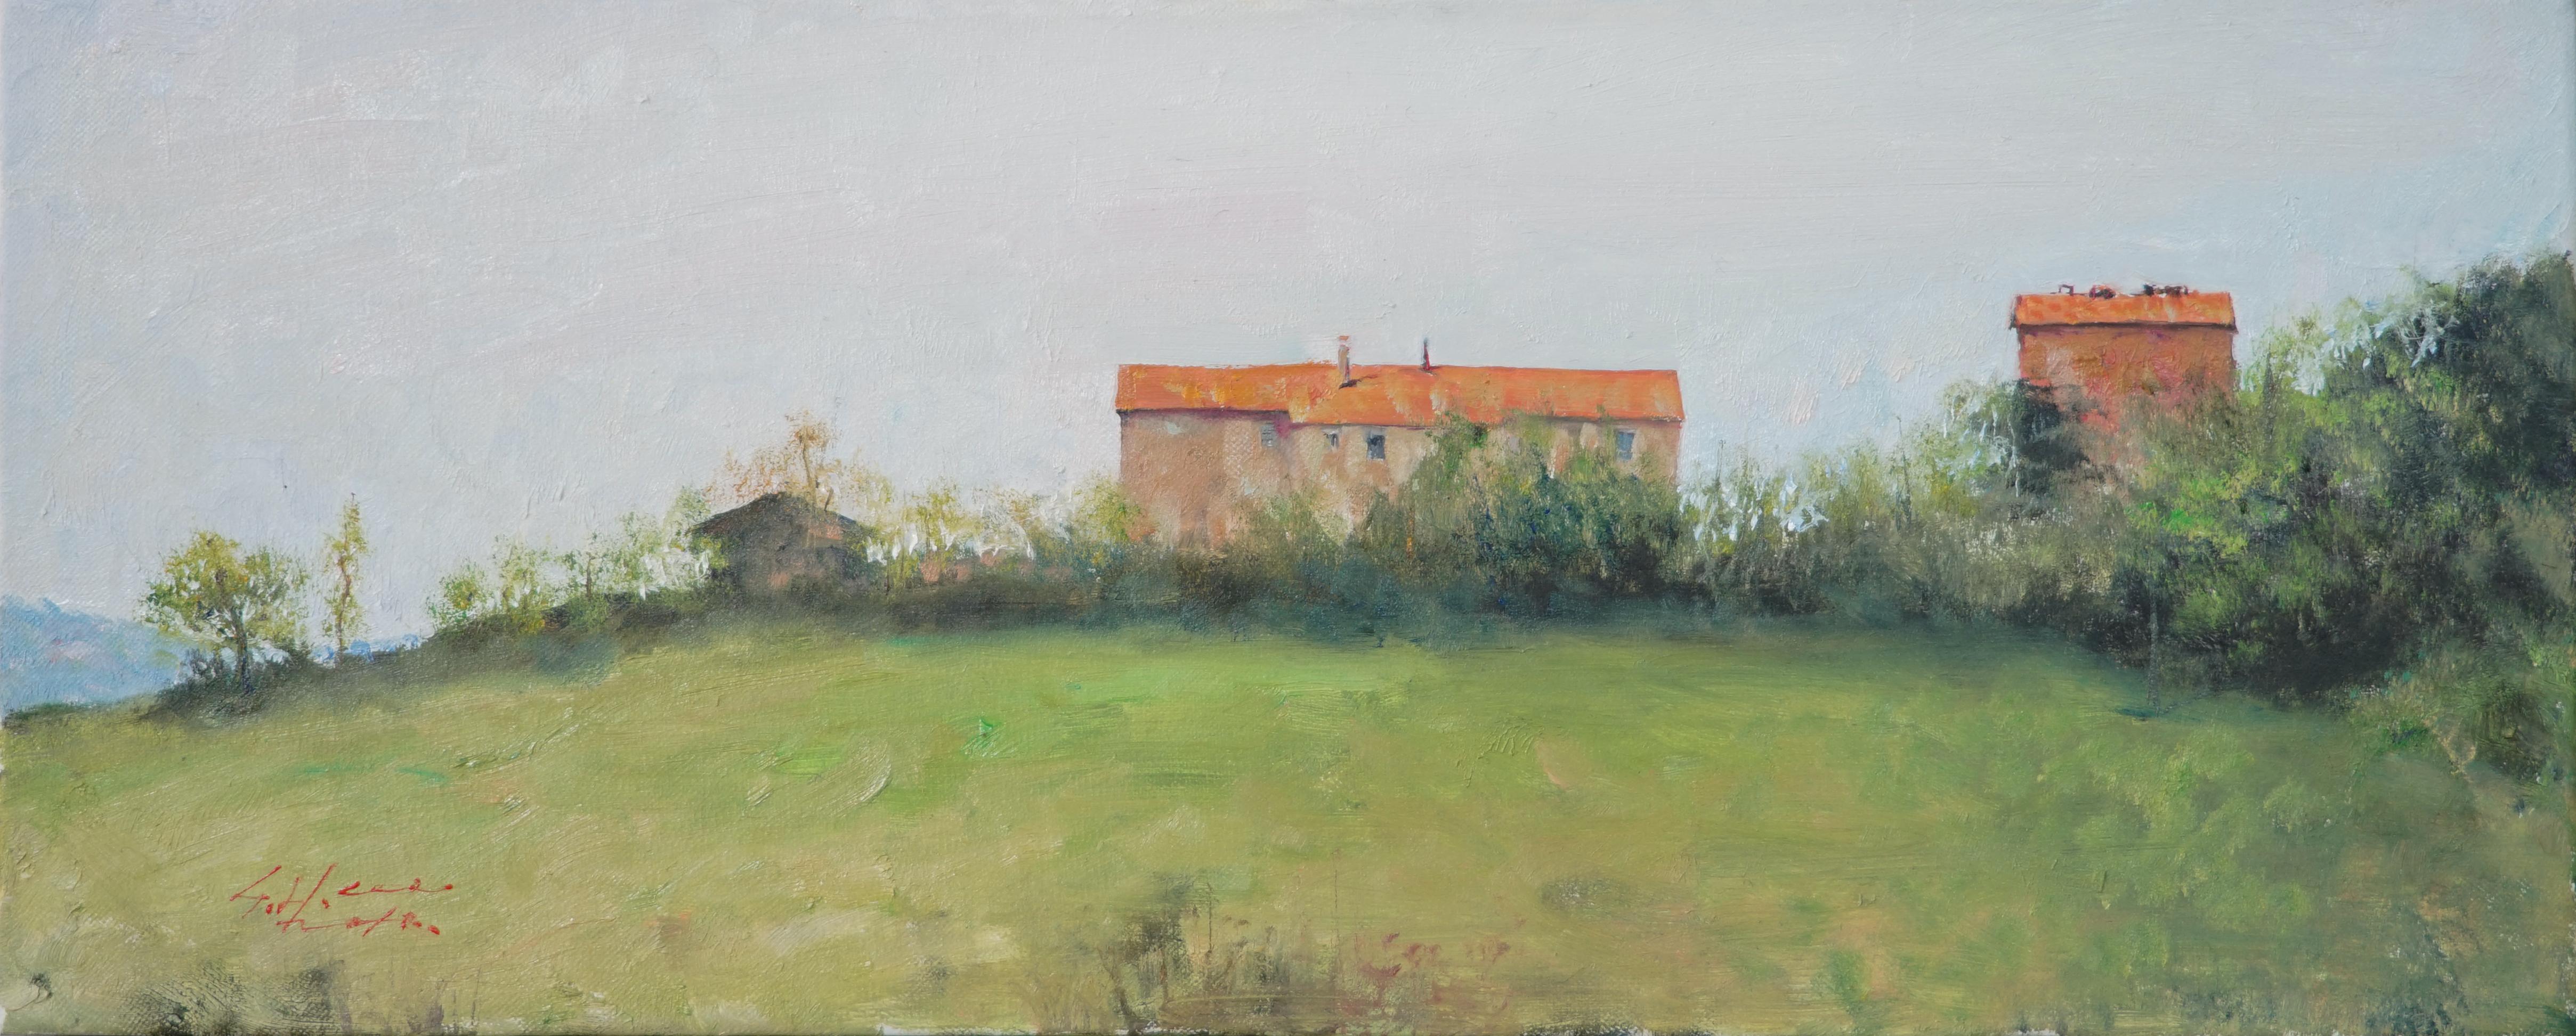 언덕위의 집34.8x14 Oil on canvas 2018